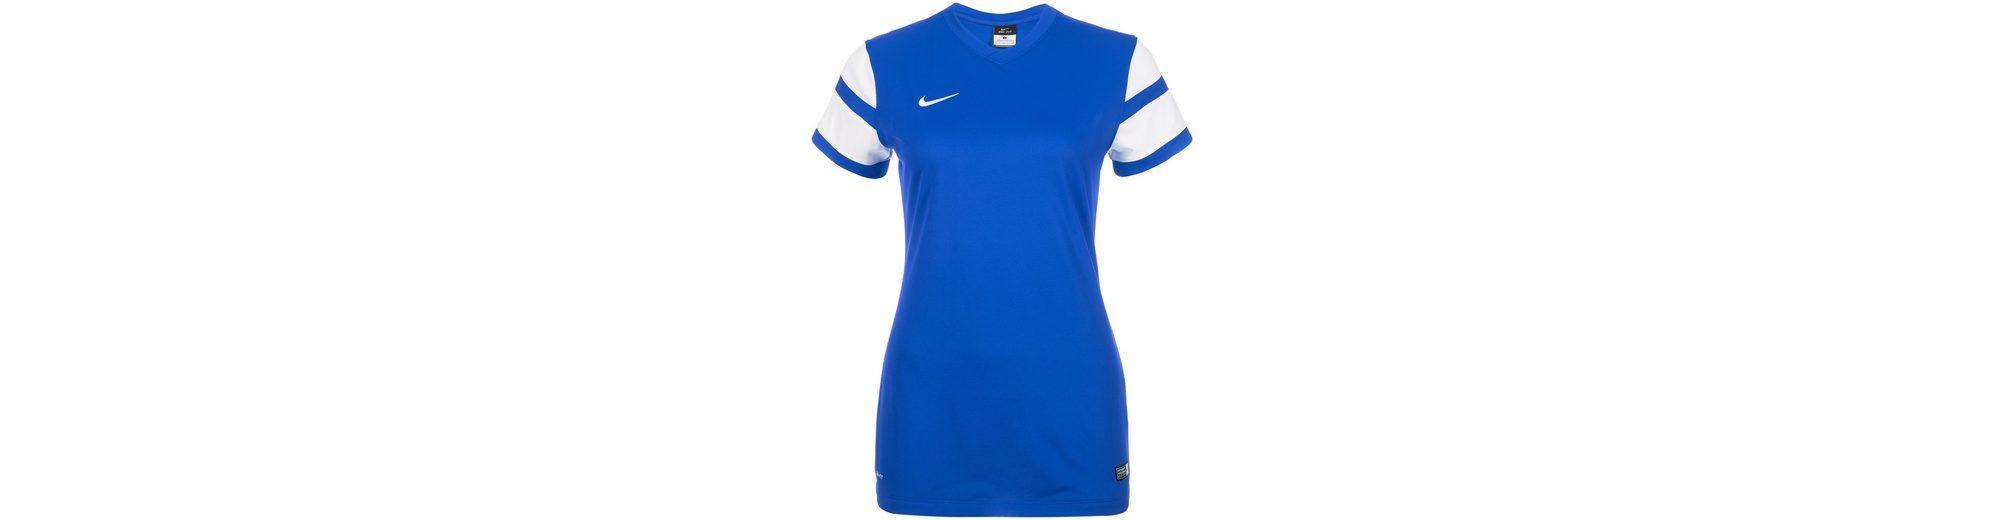 Komfortabel Günstiger Preis Shop Für Günstige Online Nike Trophy II Trikot Damen Original- Billig Original Original-Verkauf Online GAoMmPNM